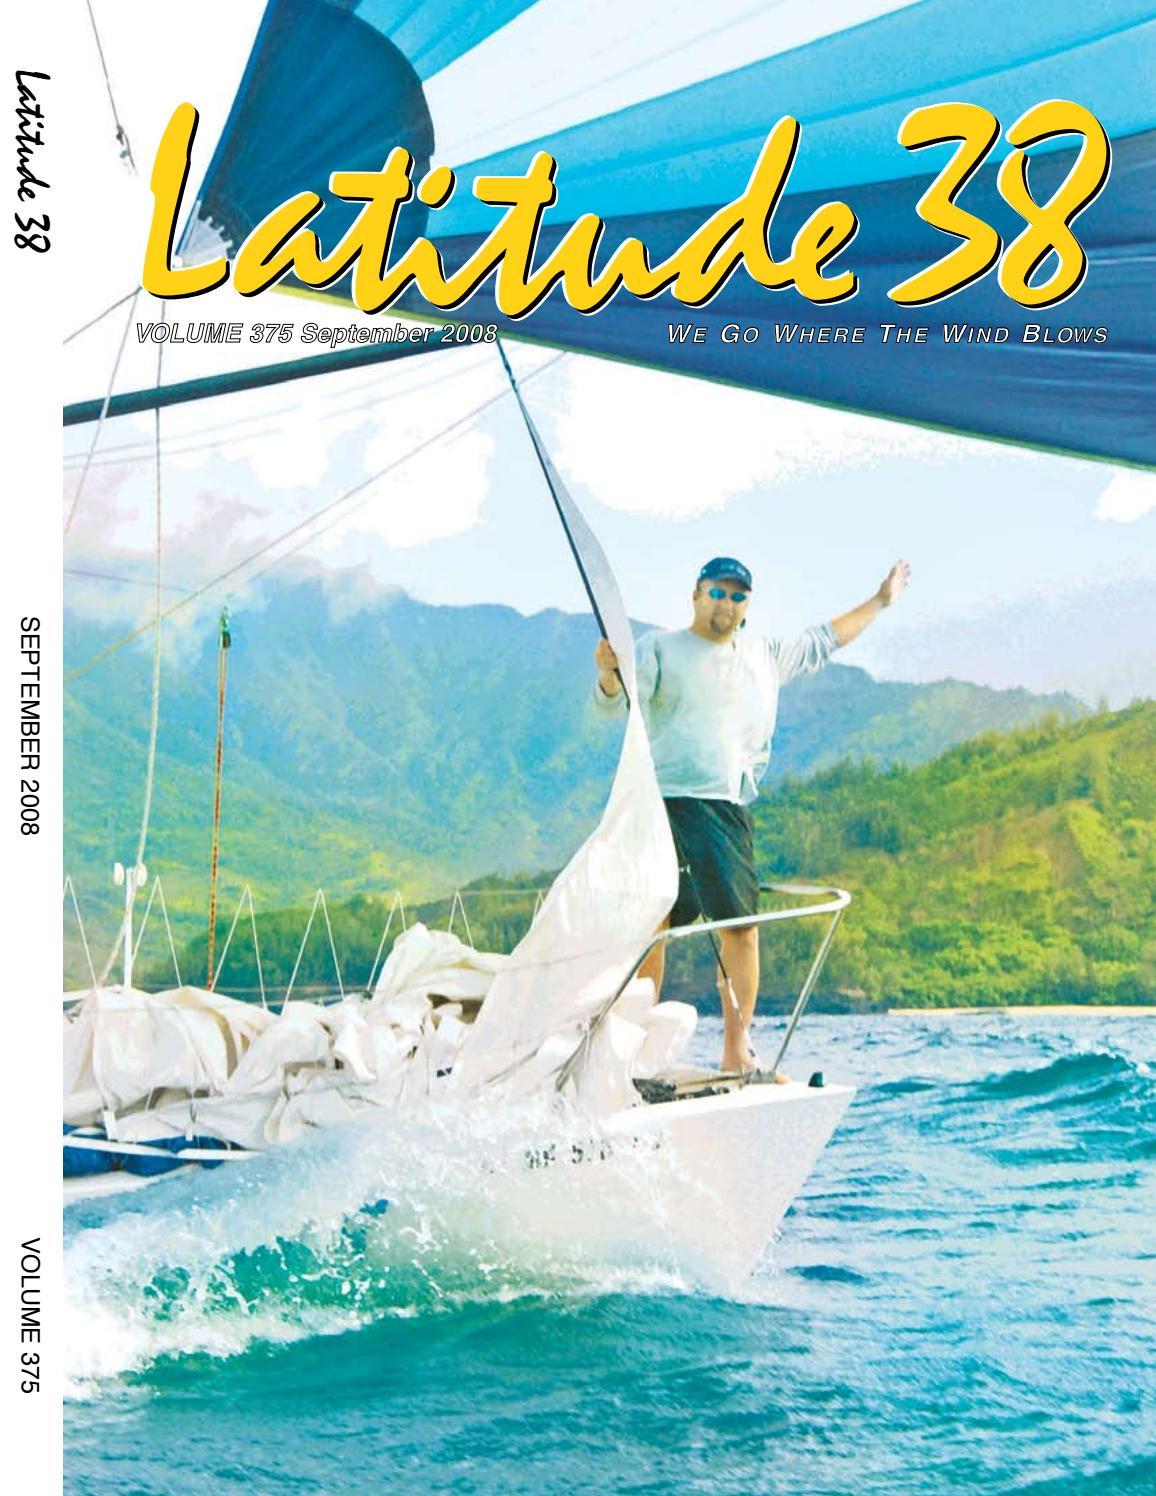 Latitude 38 September 2008 By Media Llc Issuu Honda 12000 Watt Portable Generator Wiring Diagram